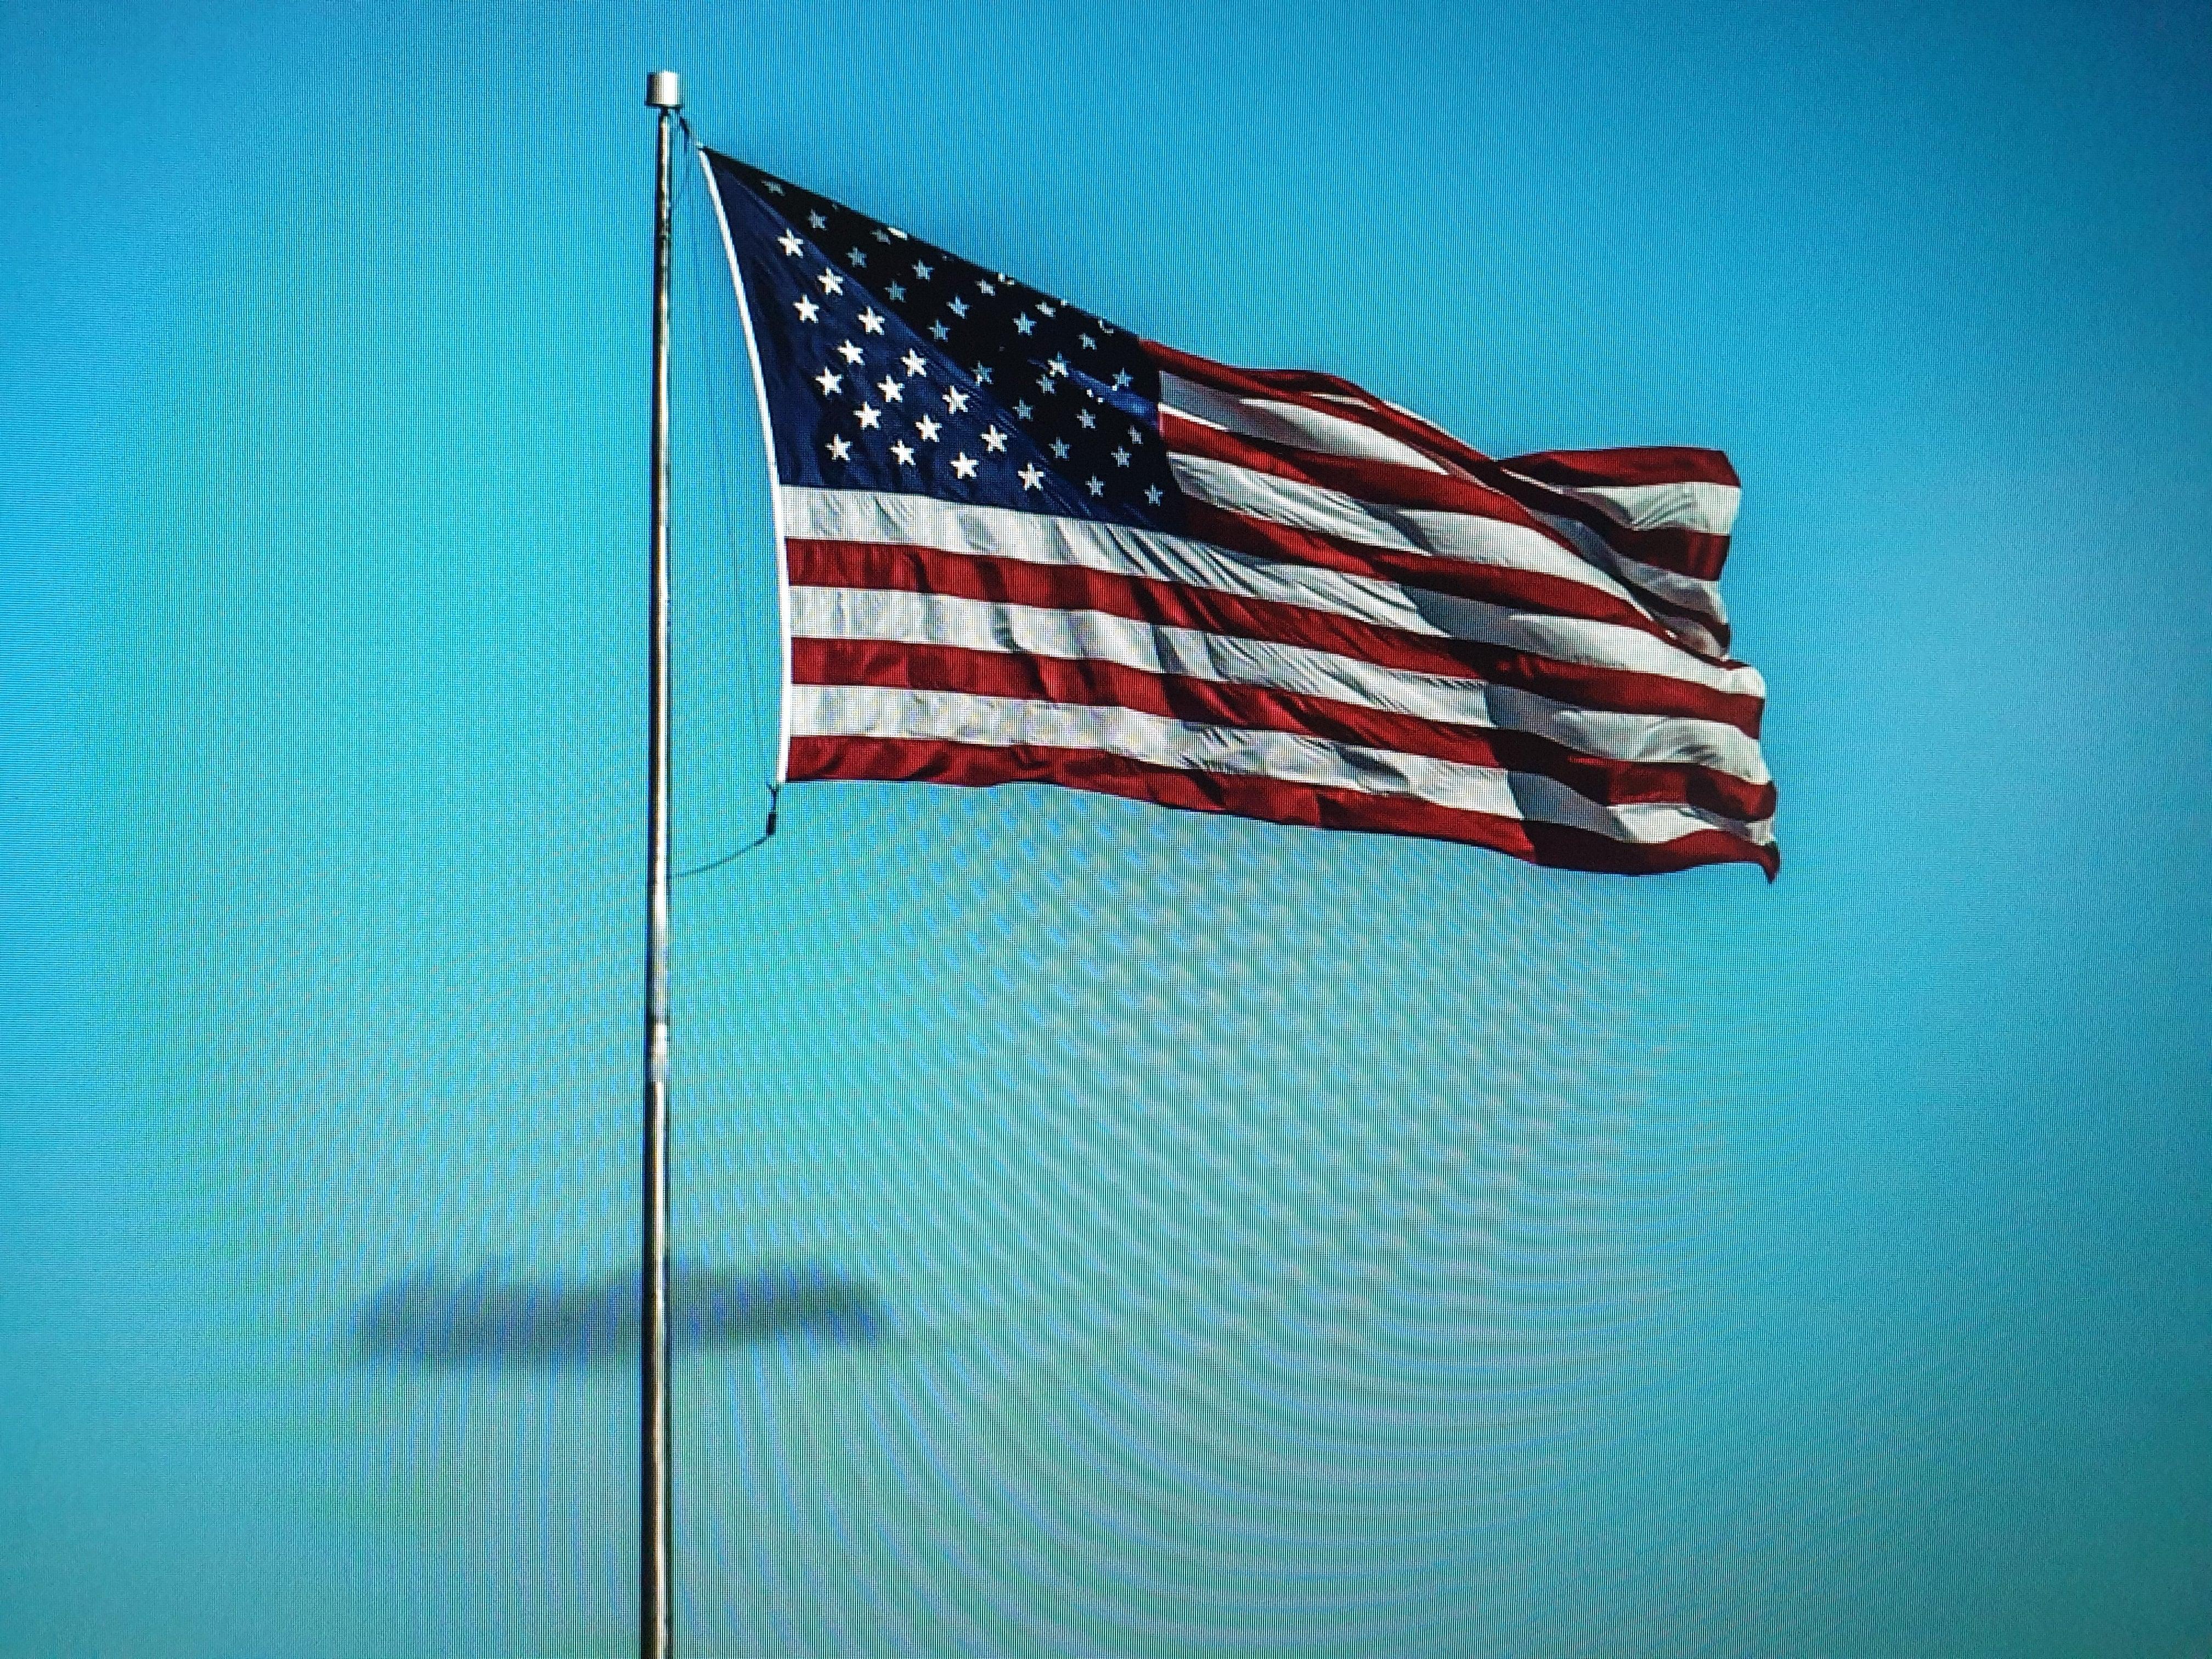 미국 국기-min-min.jpg